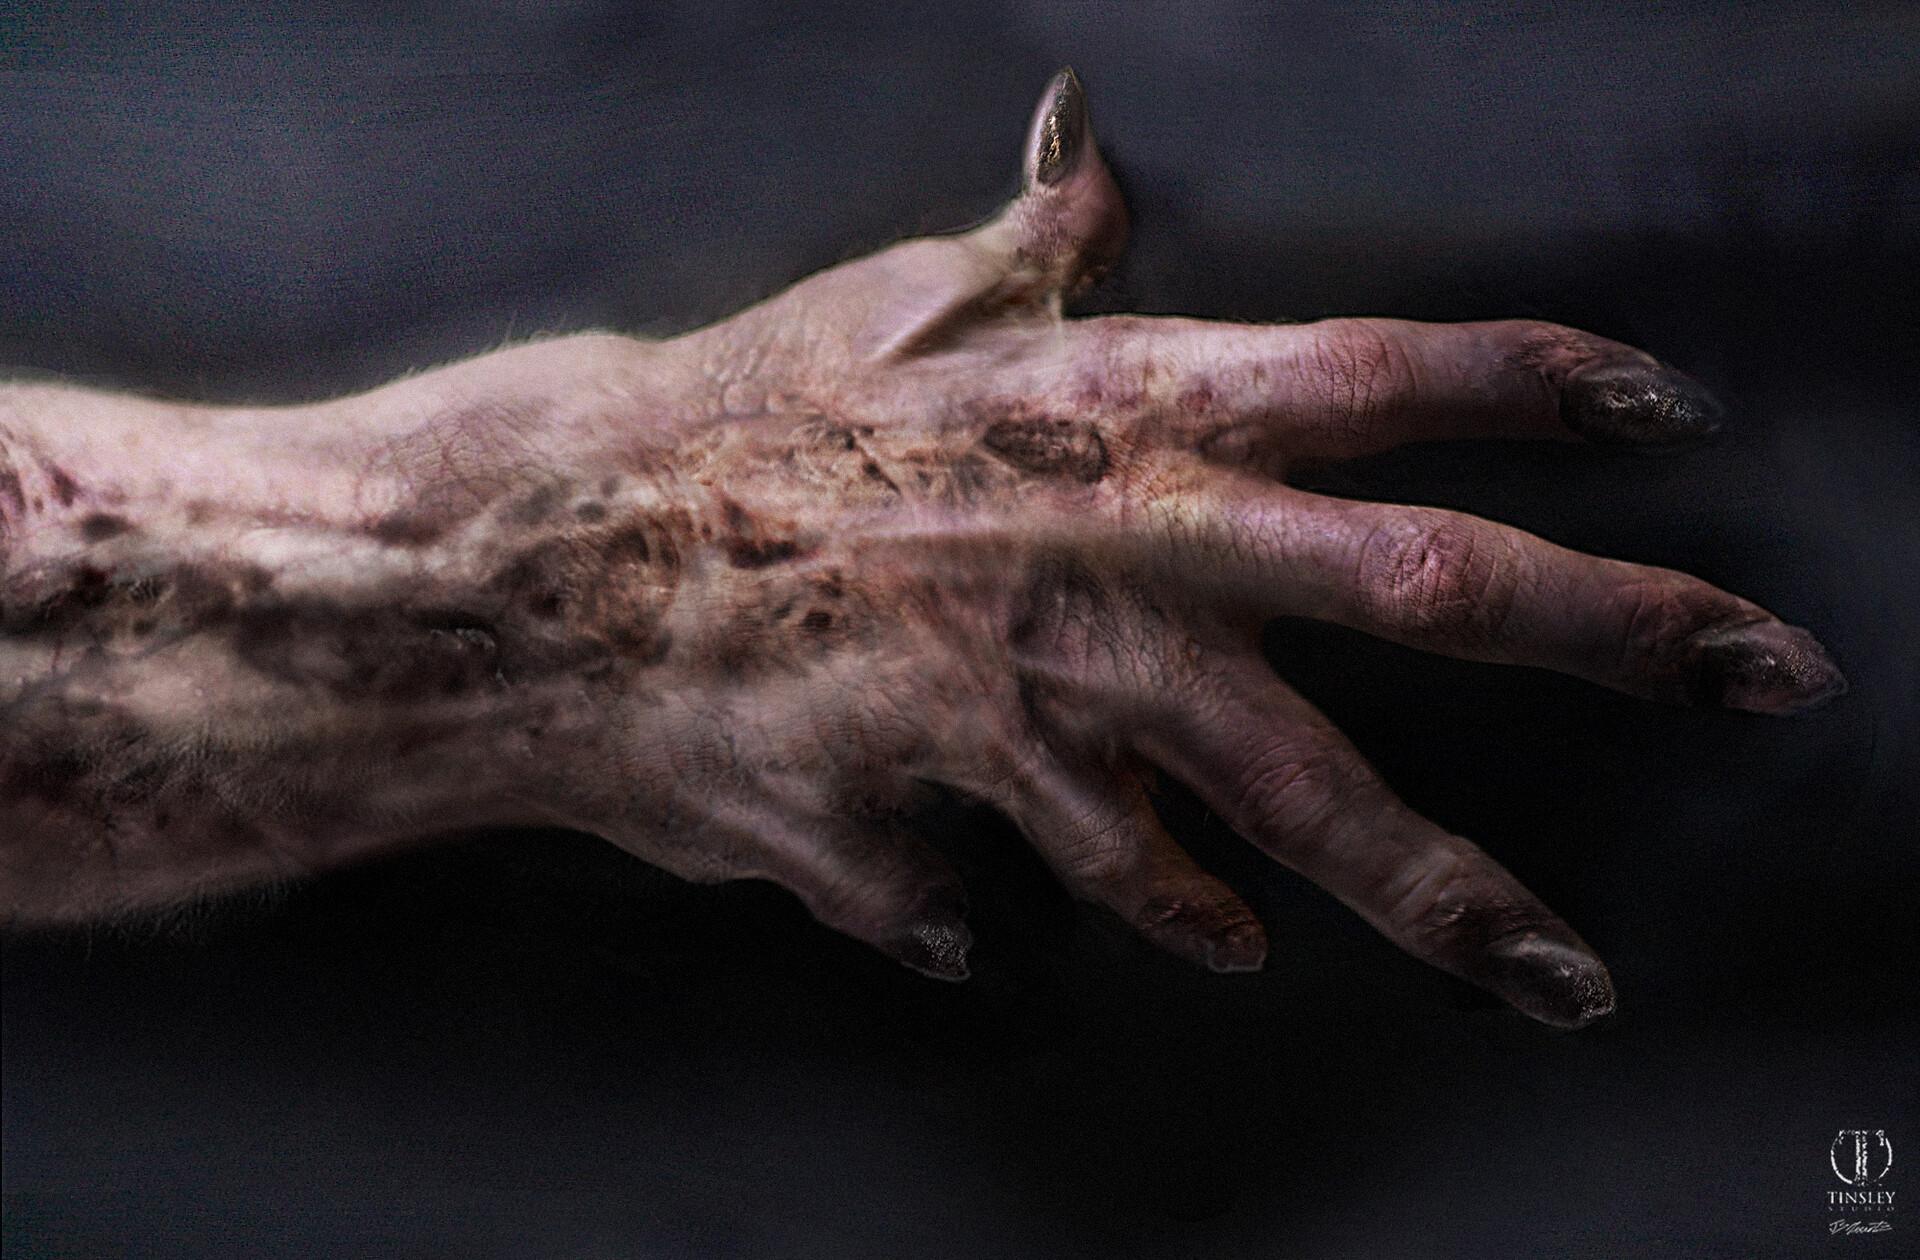 Jerx marantz rasper hand